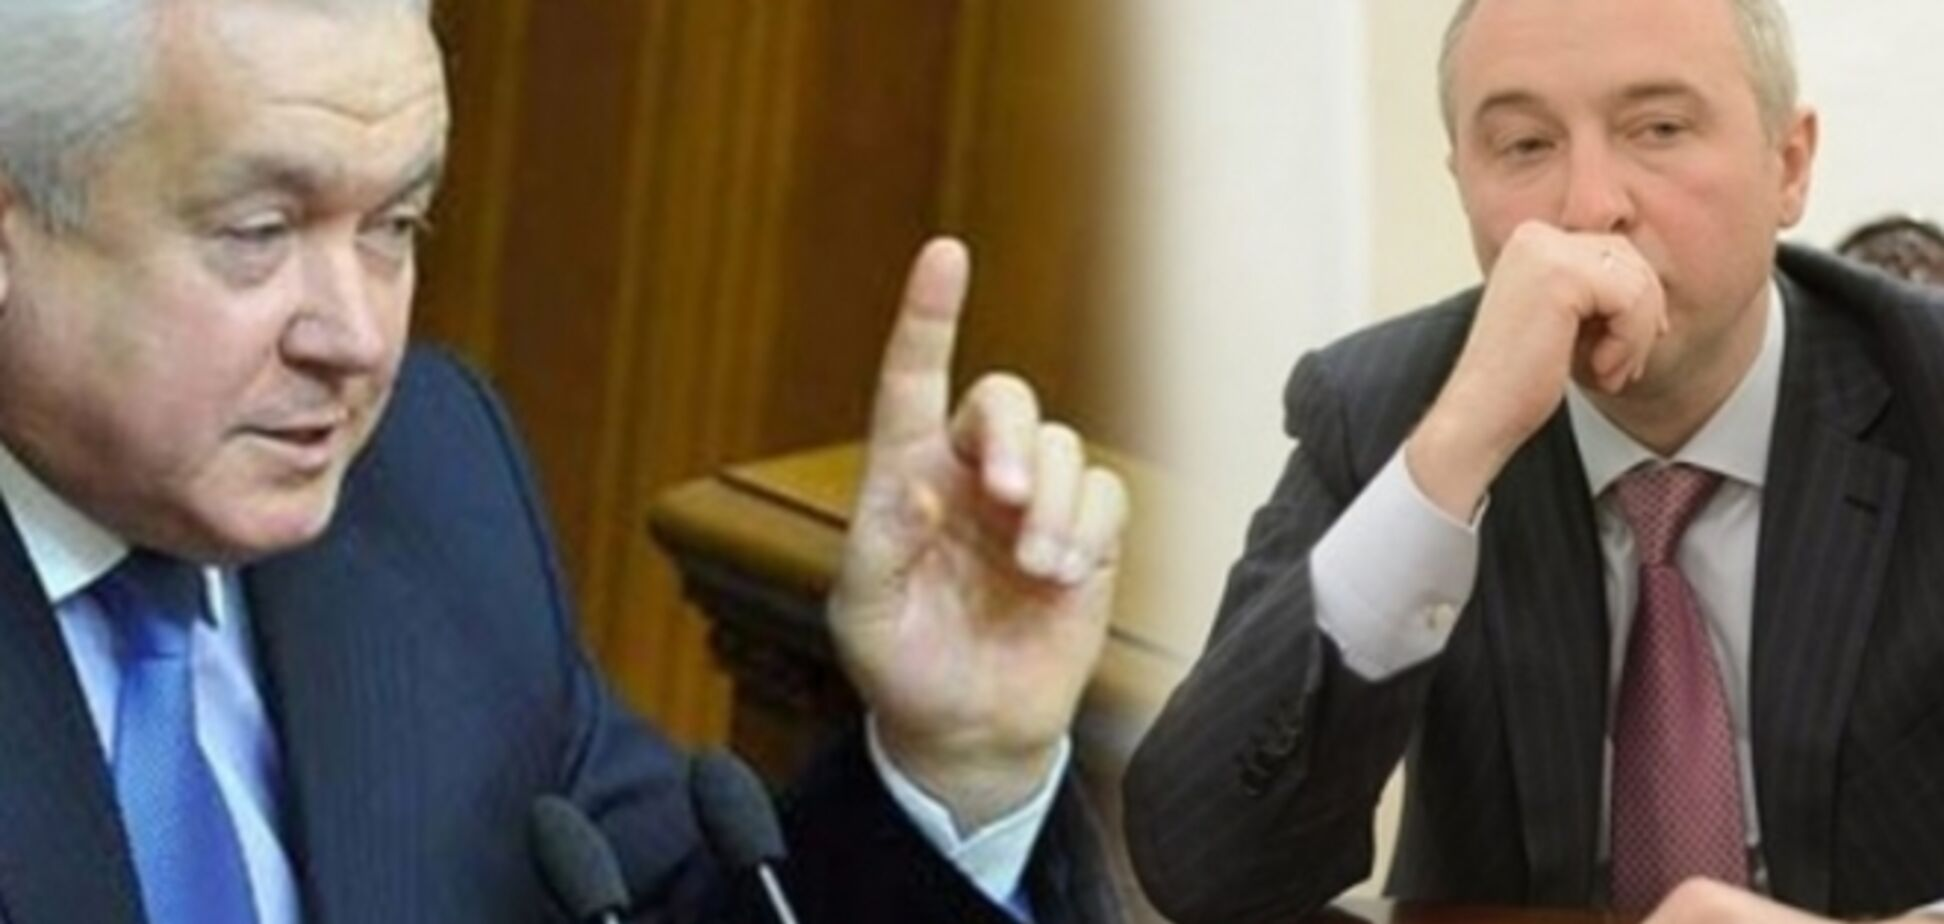 ГПУ оголосила екс-нардепів Калетника та Олійника в розшук через закони 16 січня